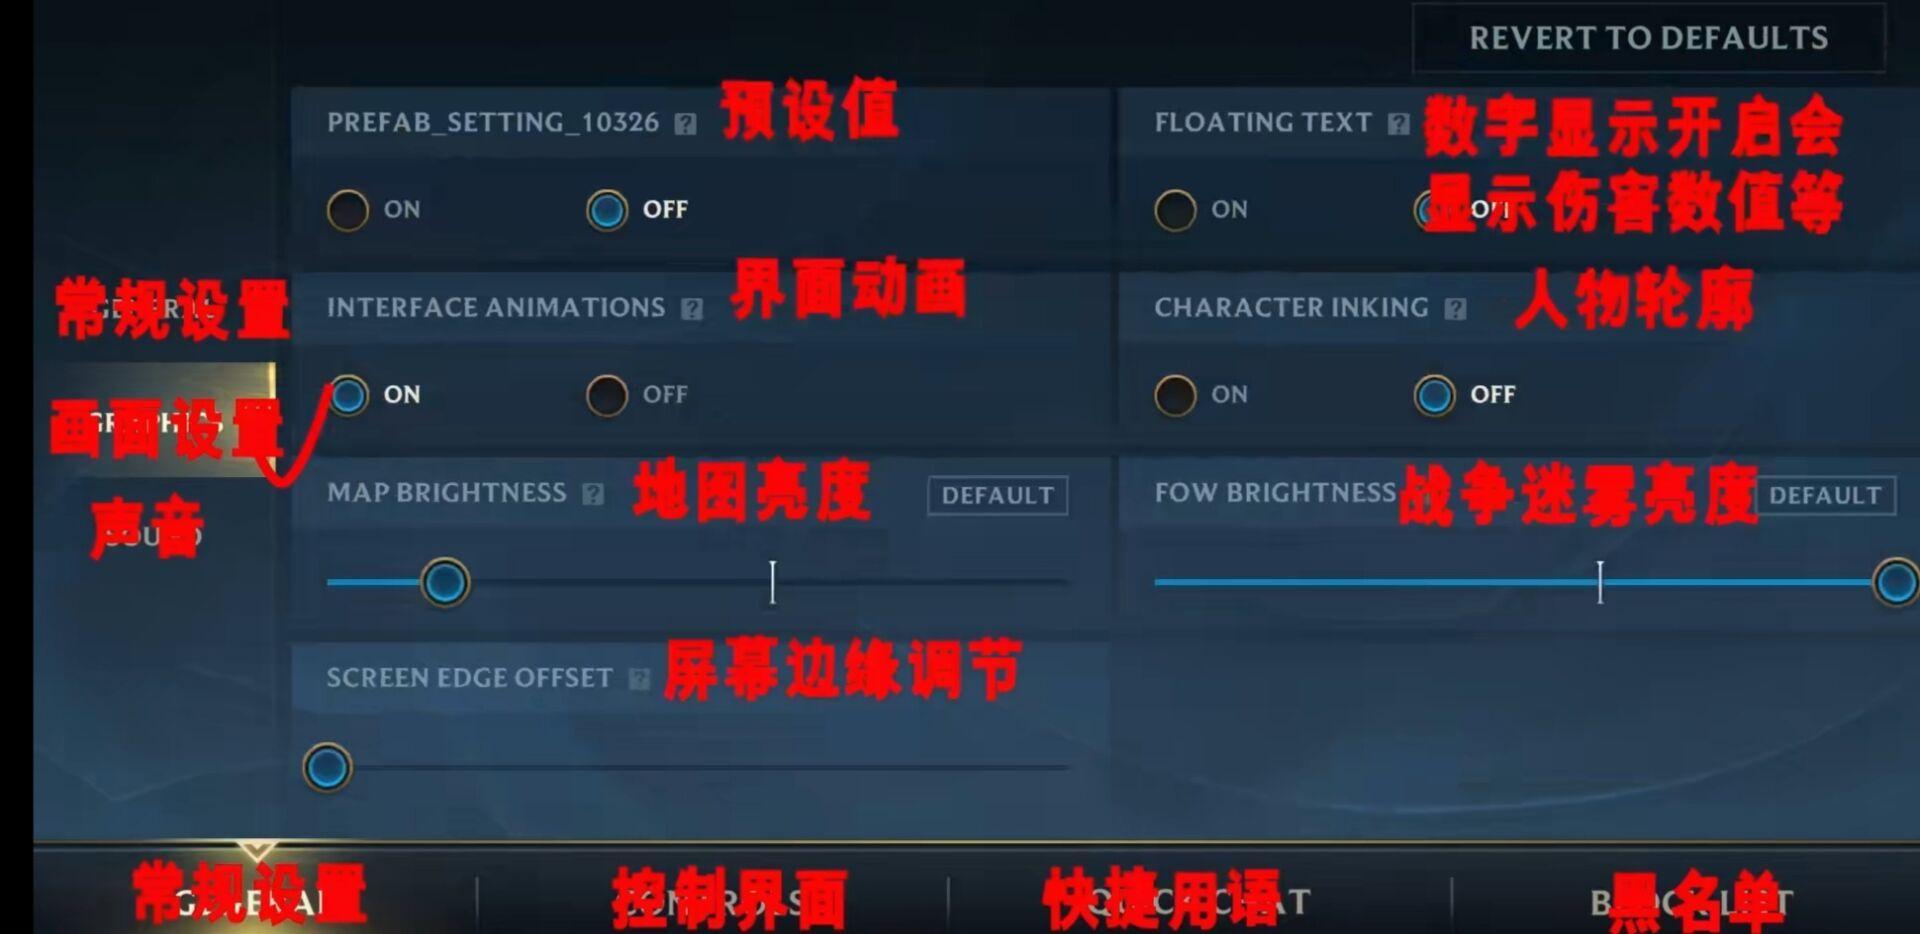 无修_英雄联盟手游全汉化翻译,帮助各位玩家快速掌握游戏的基础设置-第5张图片-游戏摸鱼怪